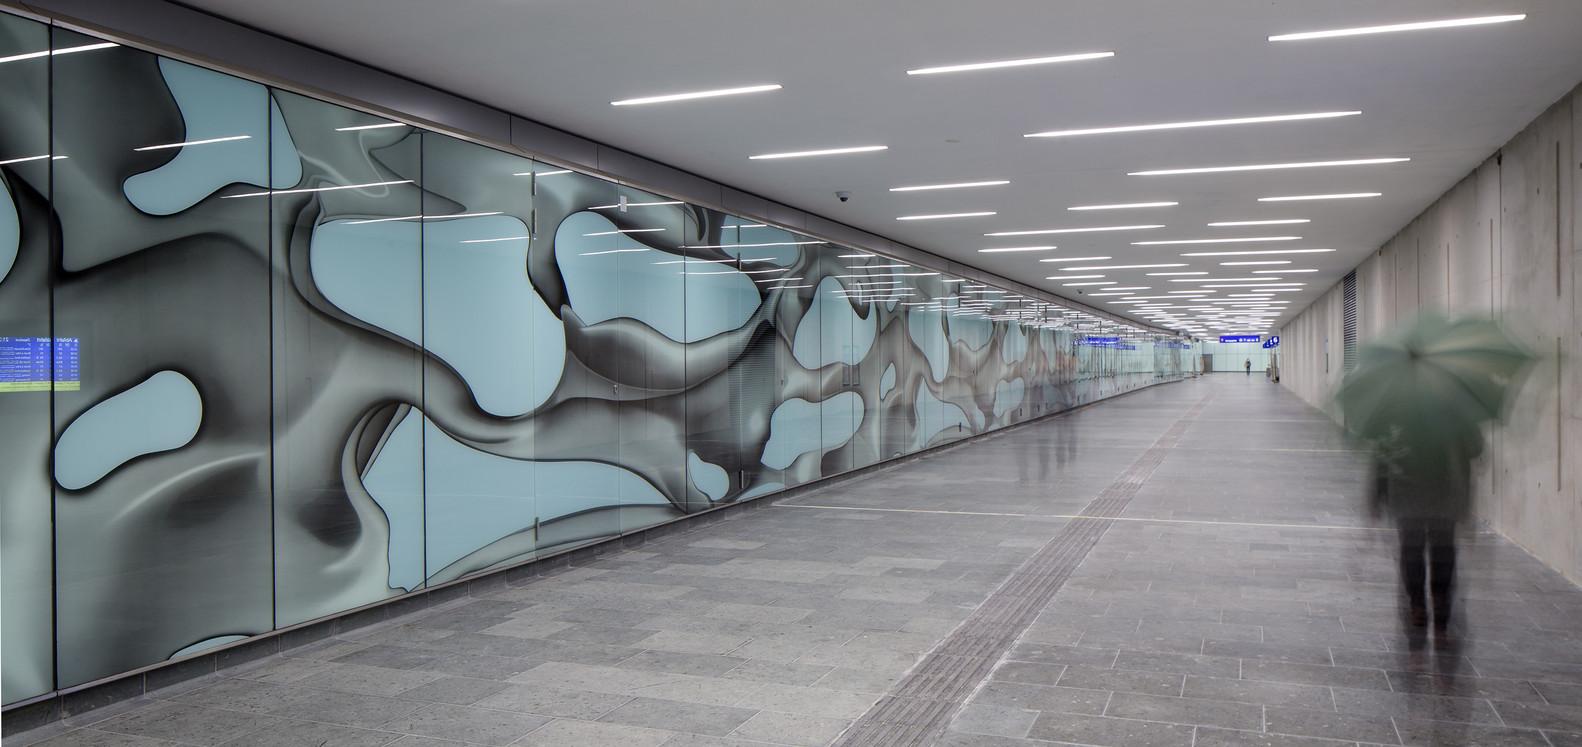 Оригинальный интерьер железнодорожного вокзала вокзала - Фото 1